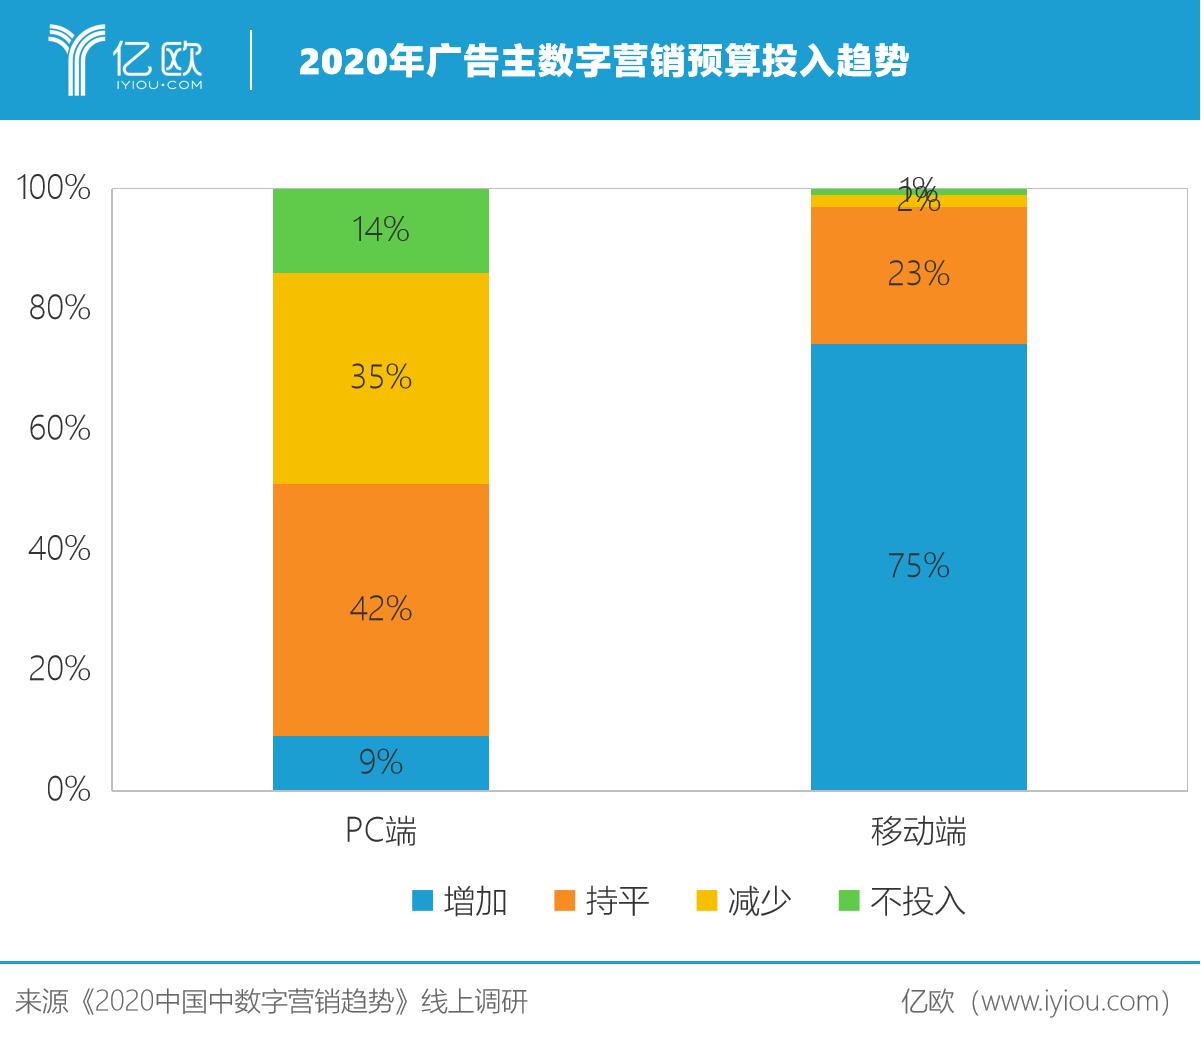 營銷(xiao)官預(yu)算變少的2020年,營銷(xiao)雲迎機(ji)遇